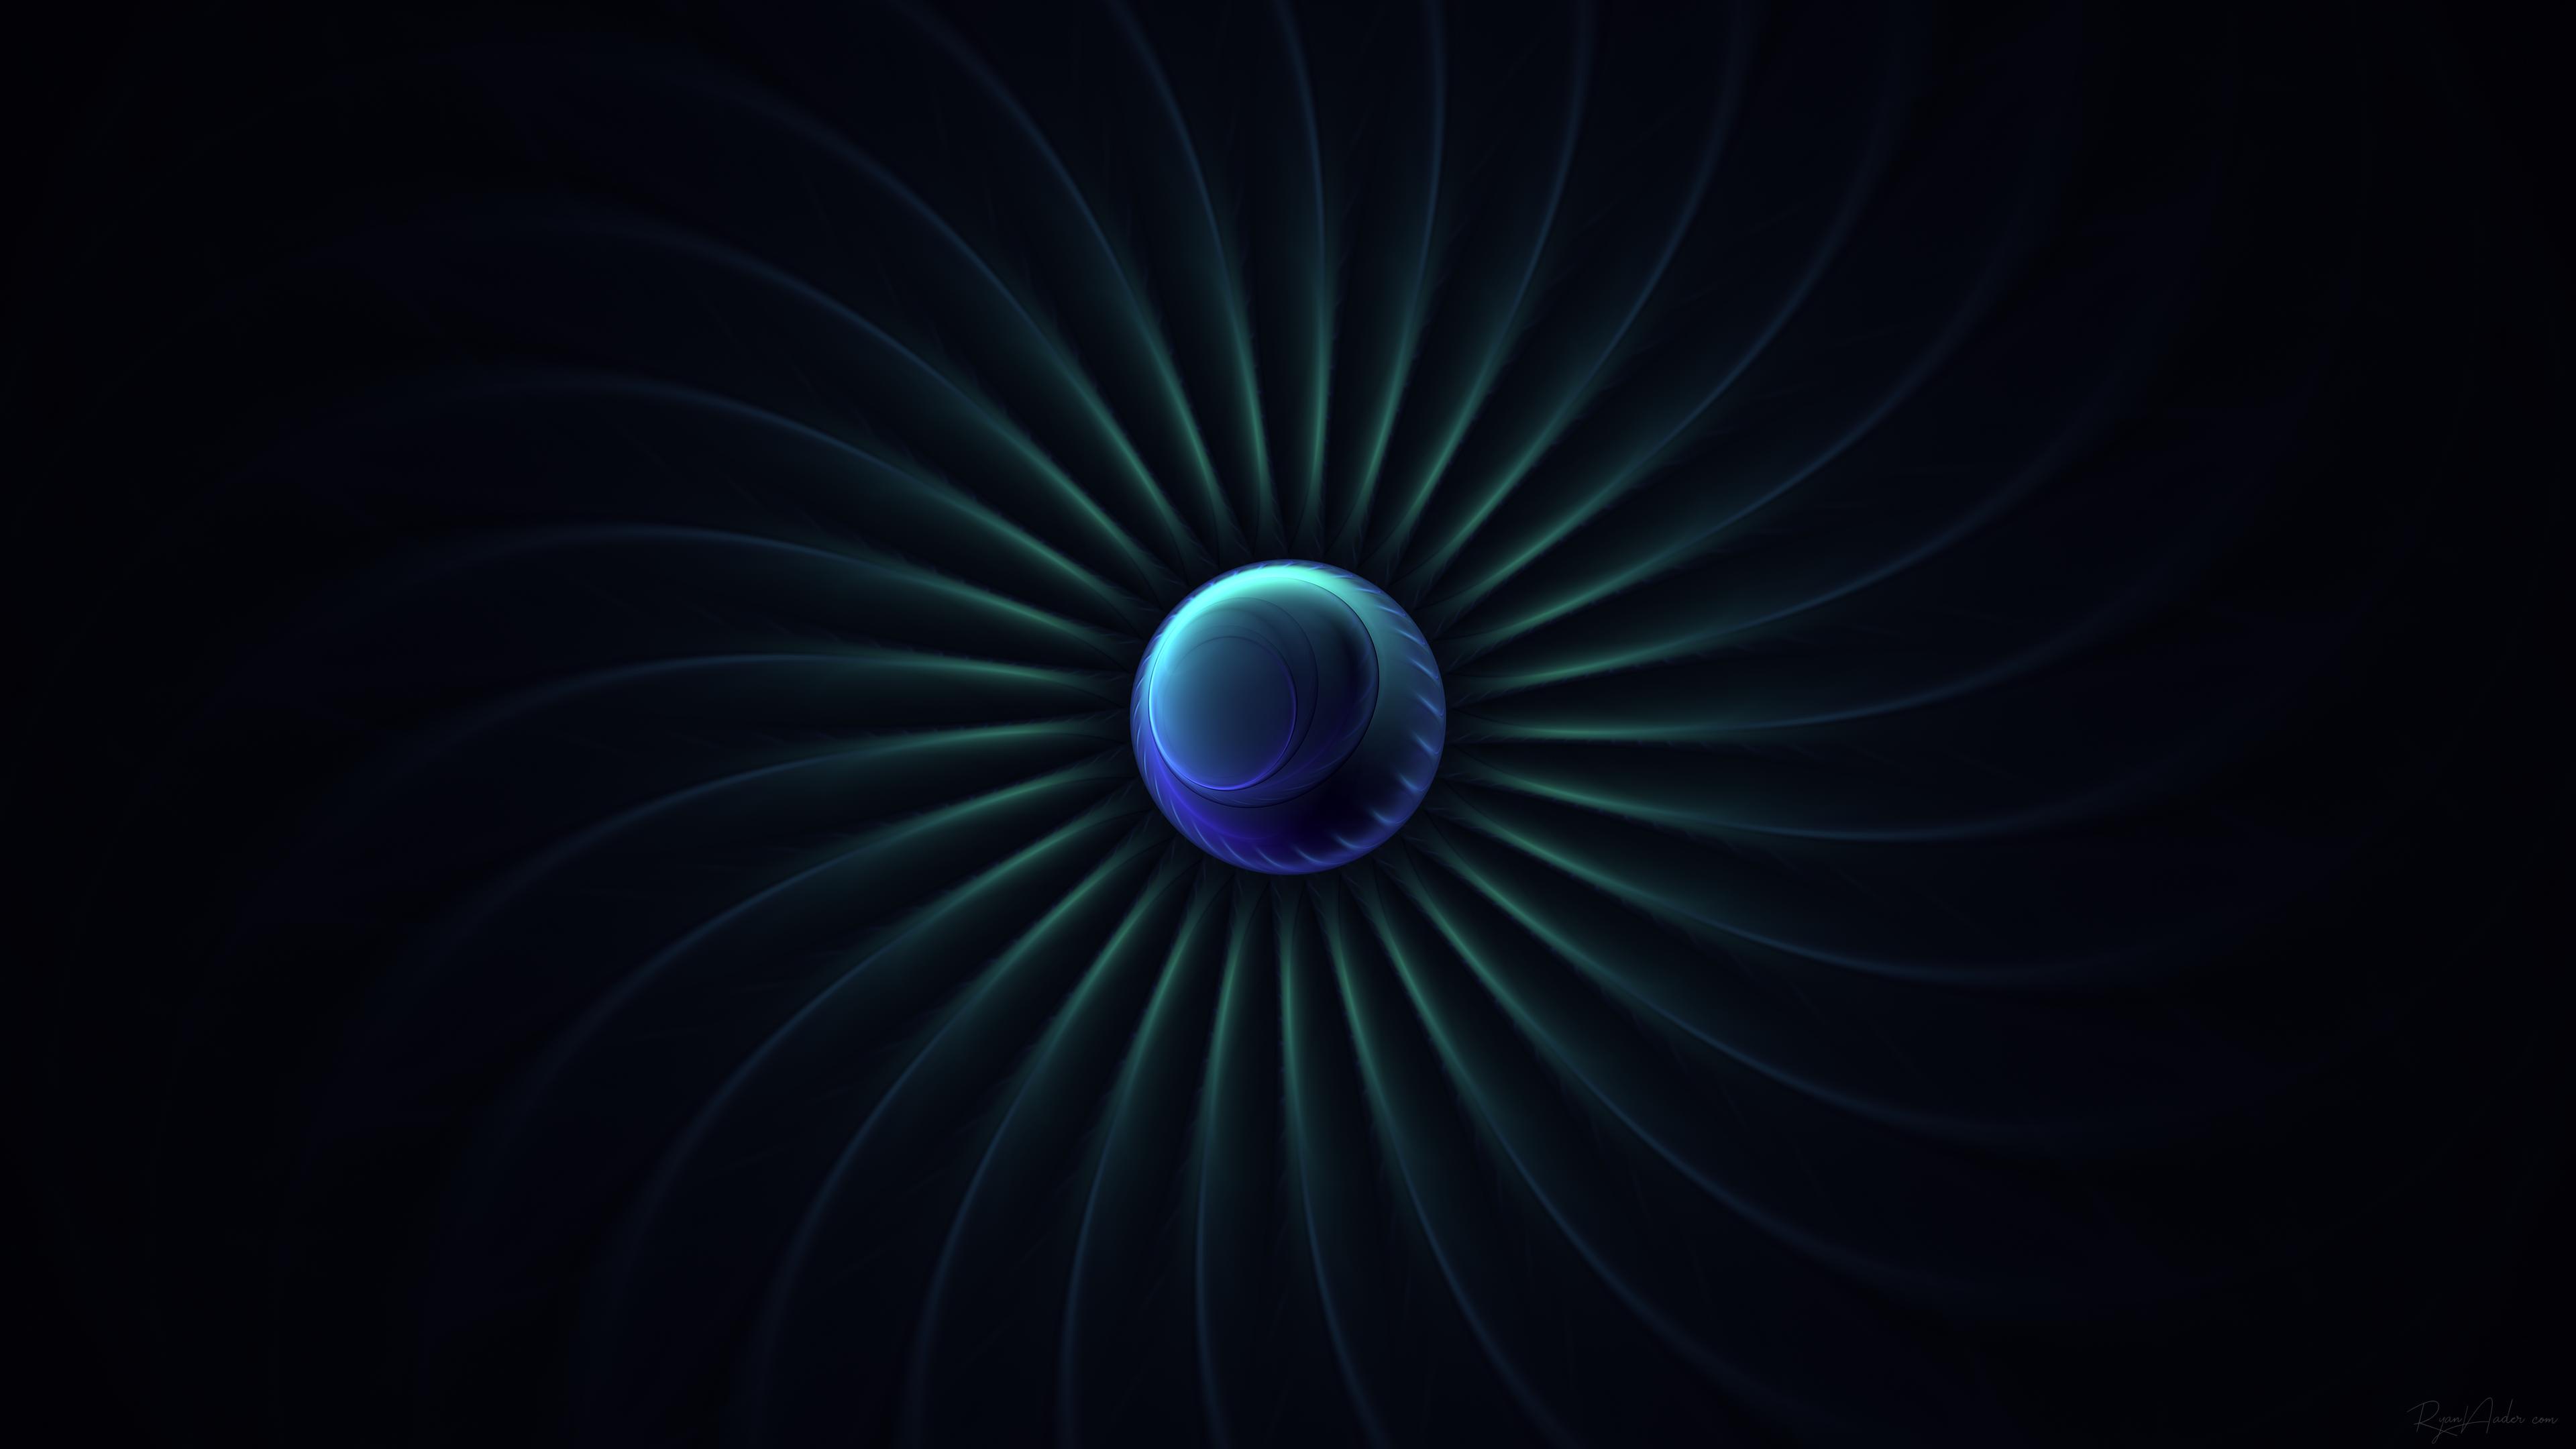 4K fractal wallpaper